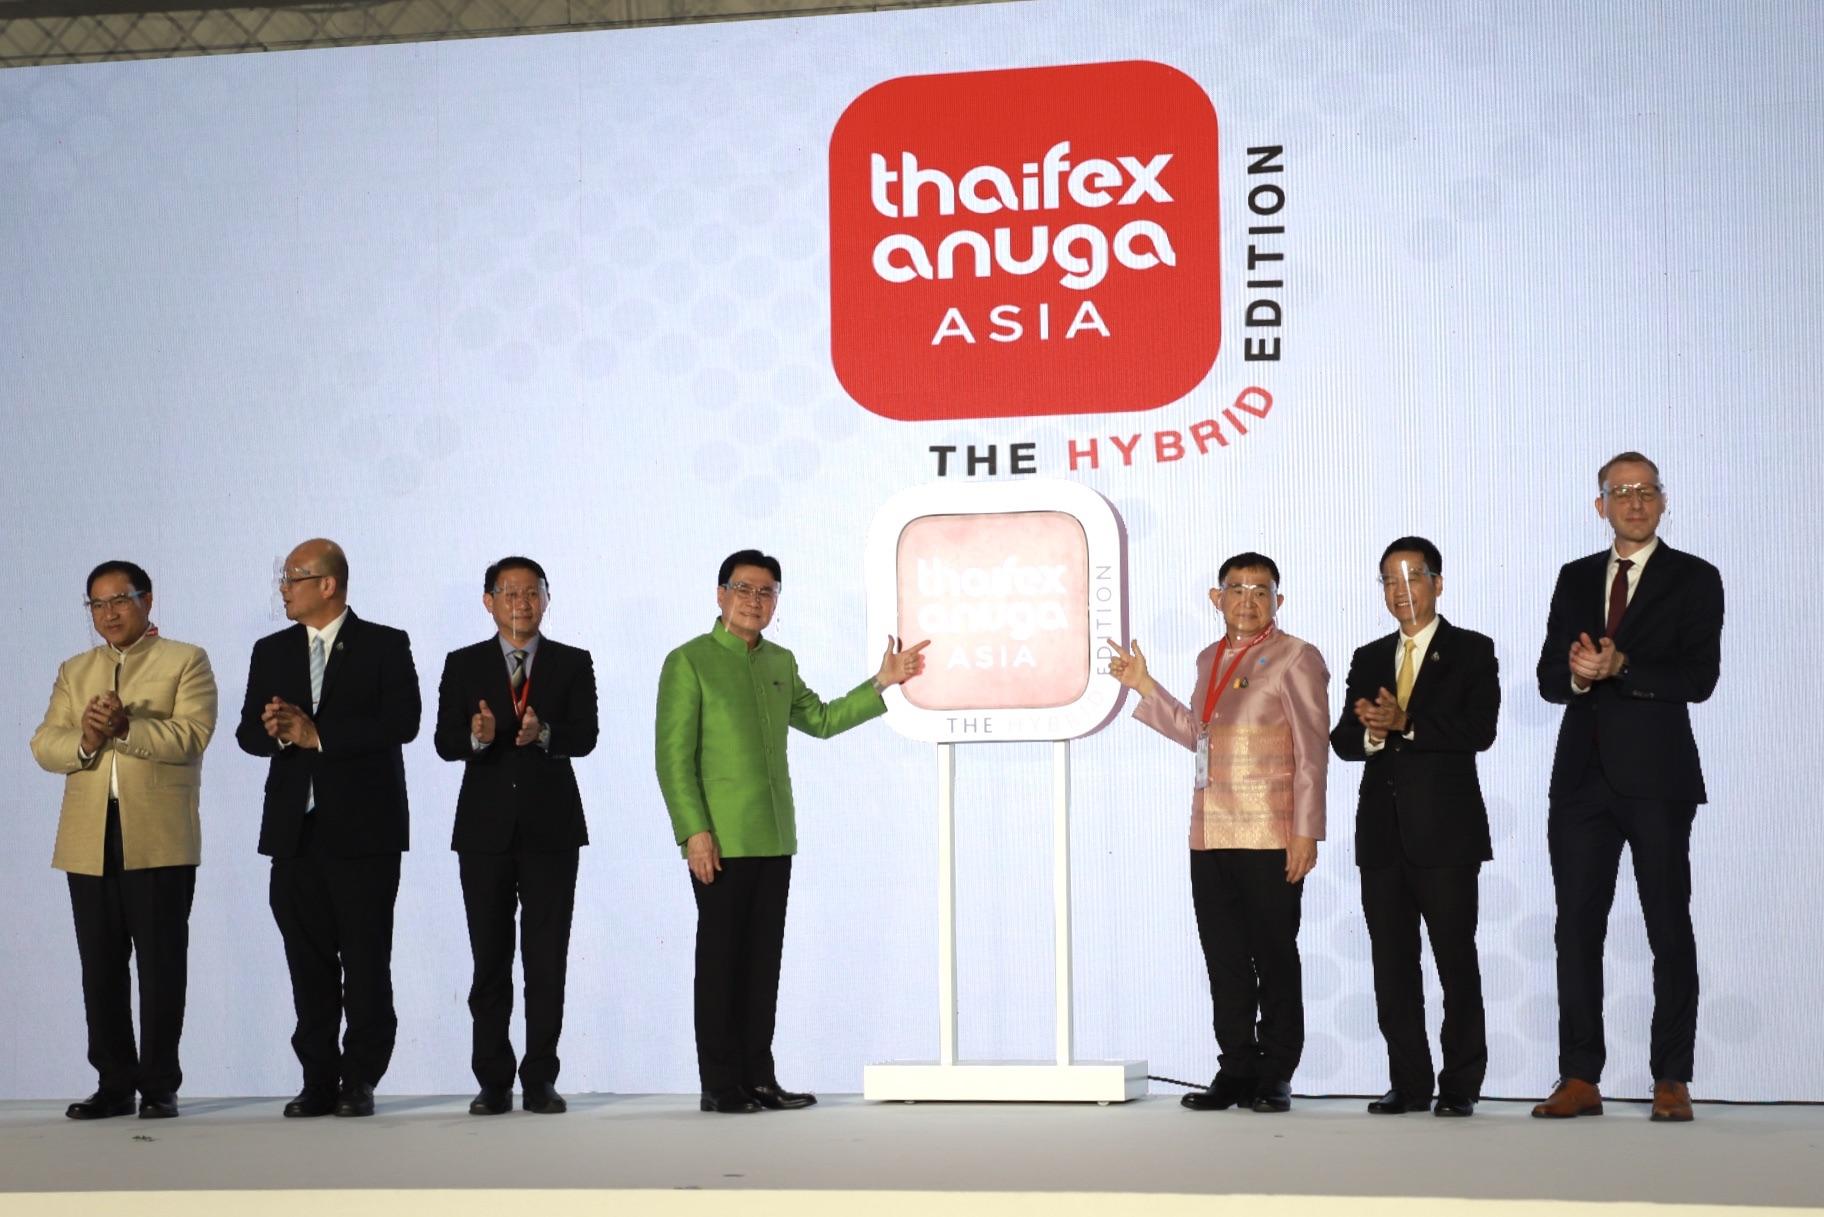 """รับมือส่งออก! จุรินทร์ นำพาณิชย์ จัด THAIFEX–ANUGA ASIA 2020 แบบ """"The Hybrid Edition"""" นำอาหารไทยสู่ตลาดโลก พร้อมจับมือ 4 กระทรวง MOU มาตรฐานความปลอดภัยอาหารจากโควิด-19 สำนักพิมพ์แม่บ้าน"""